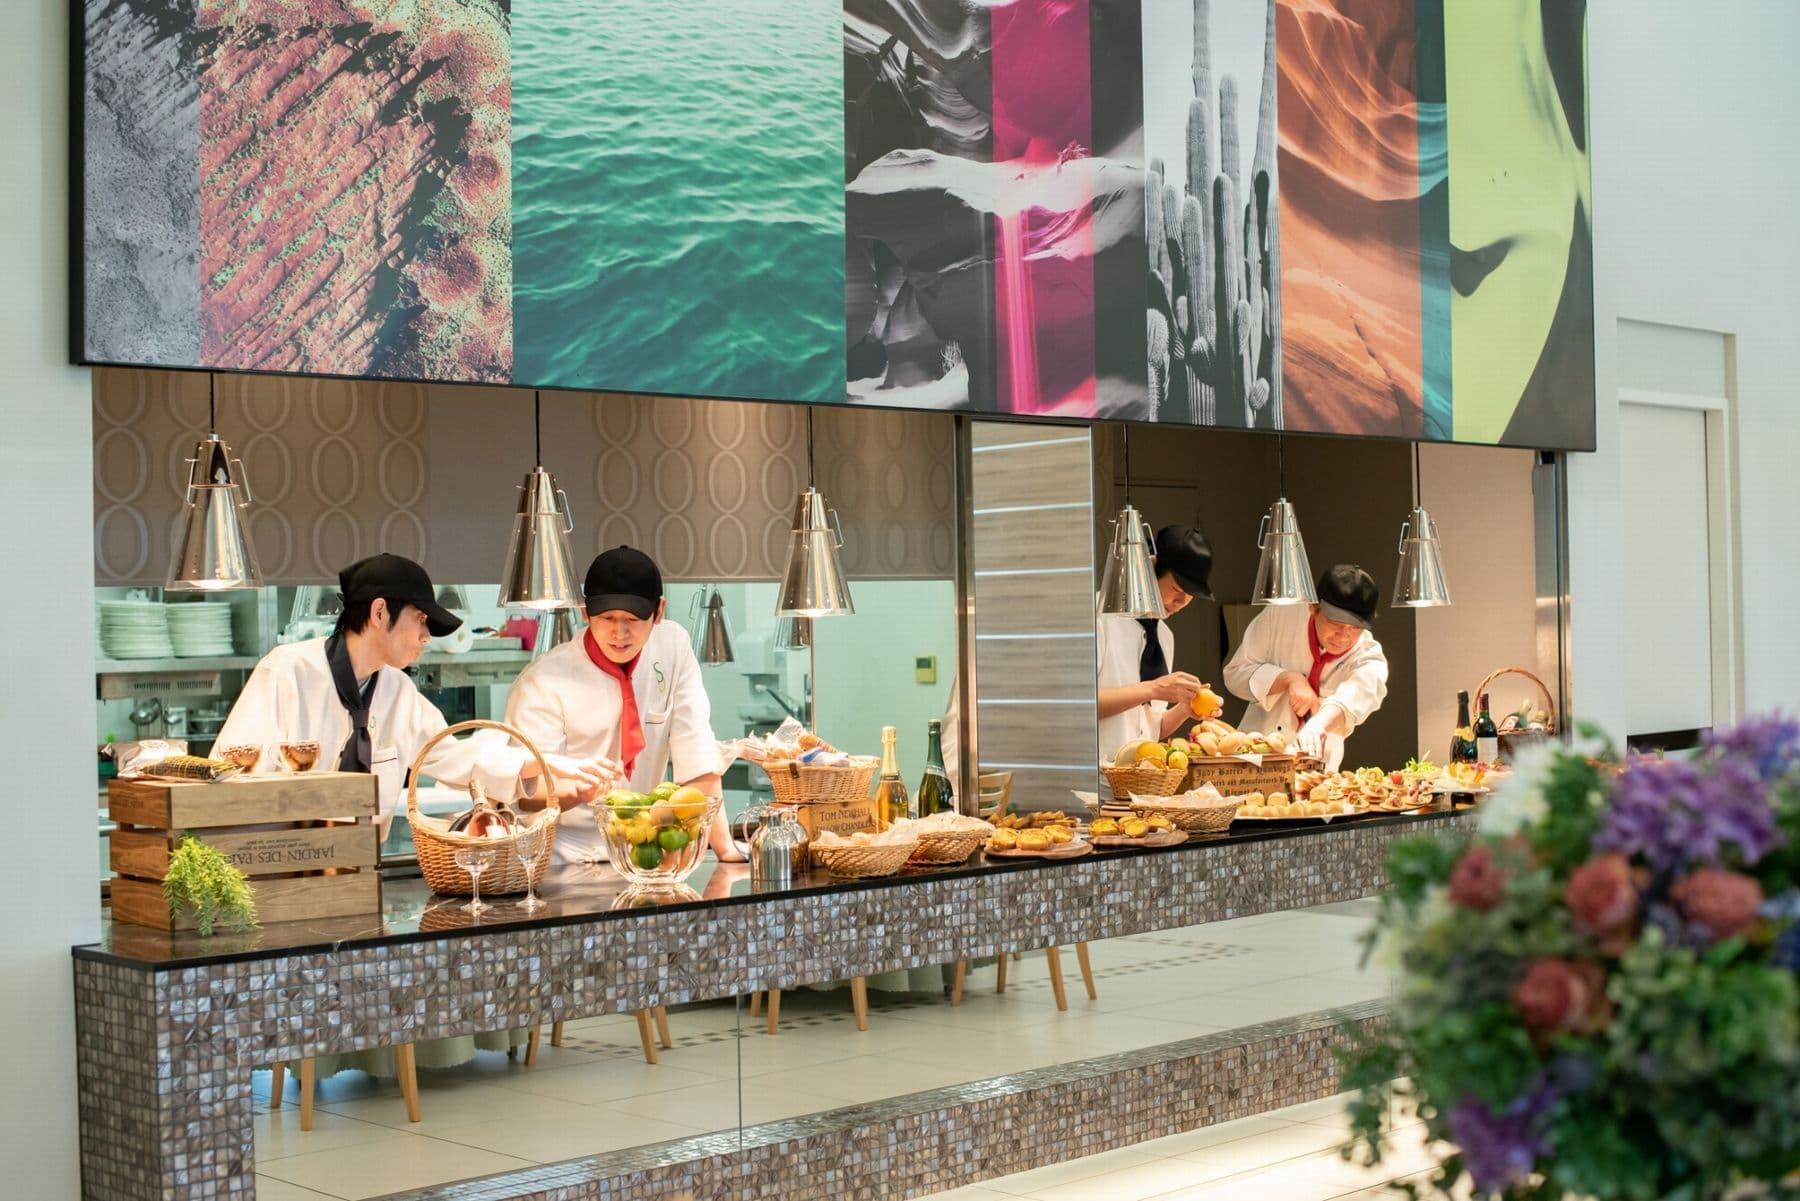 香川県の結婚式場のシェルエメール&アイスタイルのオープンキッチンで料理を振舞うシェフ